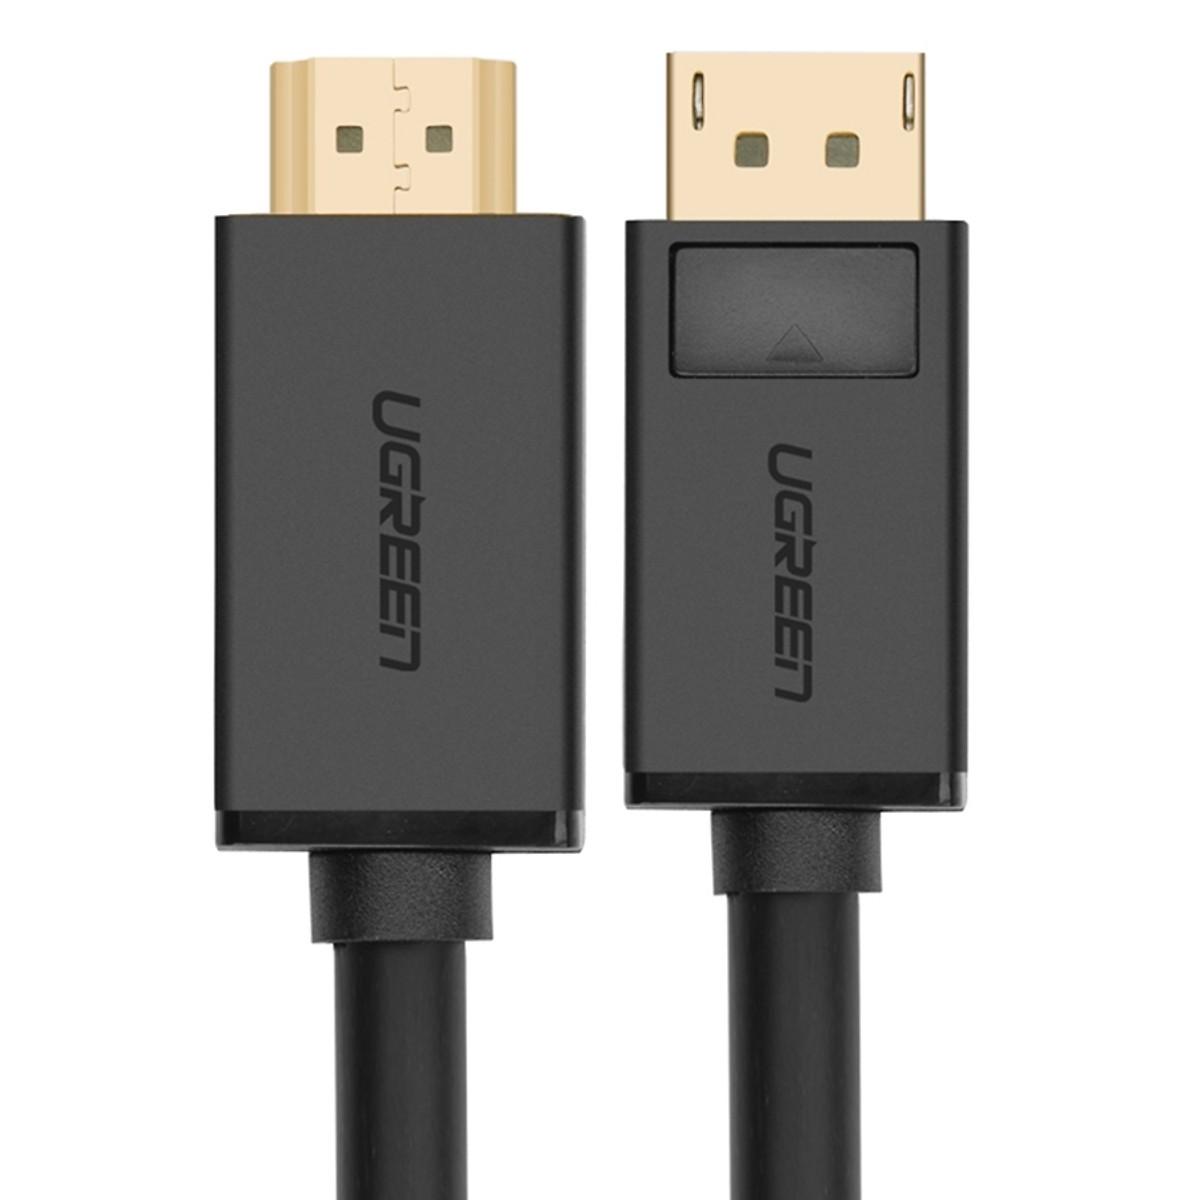 Cáp Displayport to HDMI 2m cao cấp Ugreen 10202  - Hàng Chính Hãng